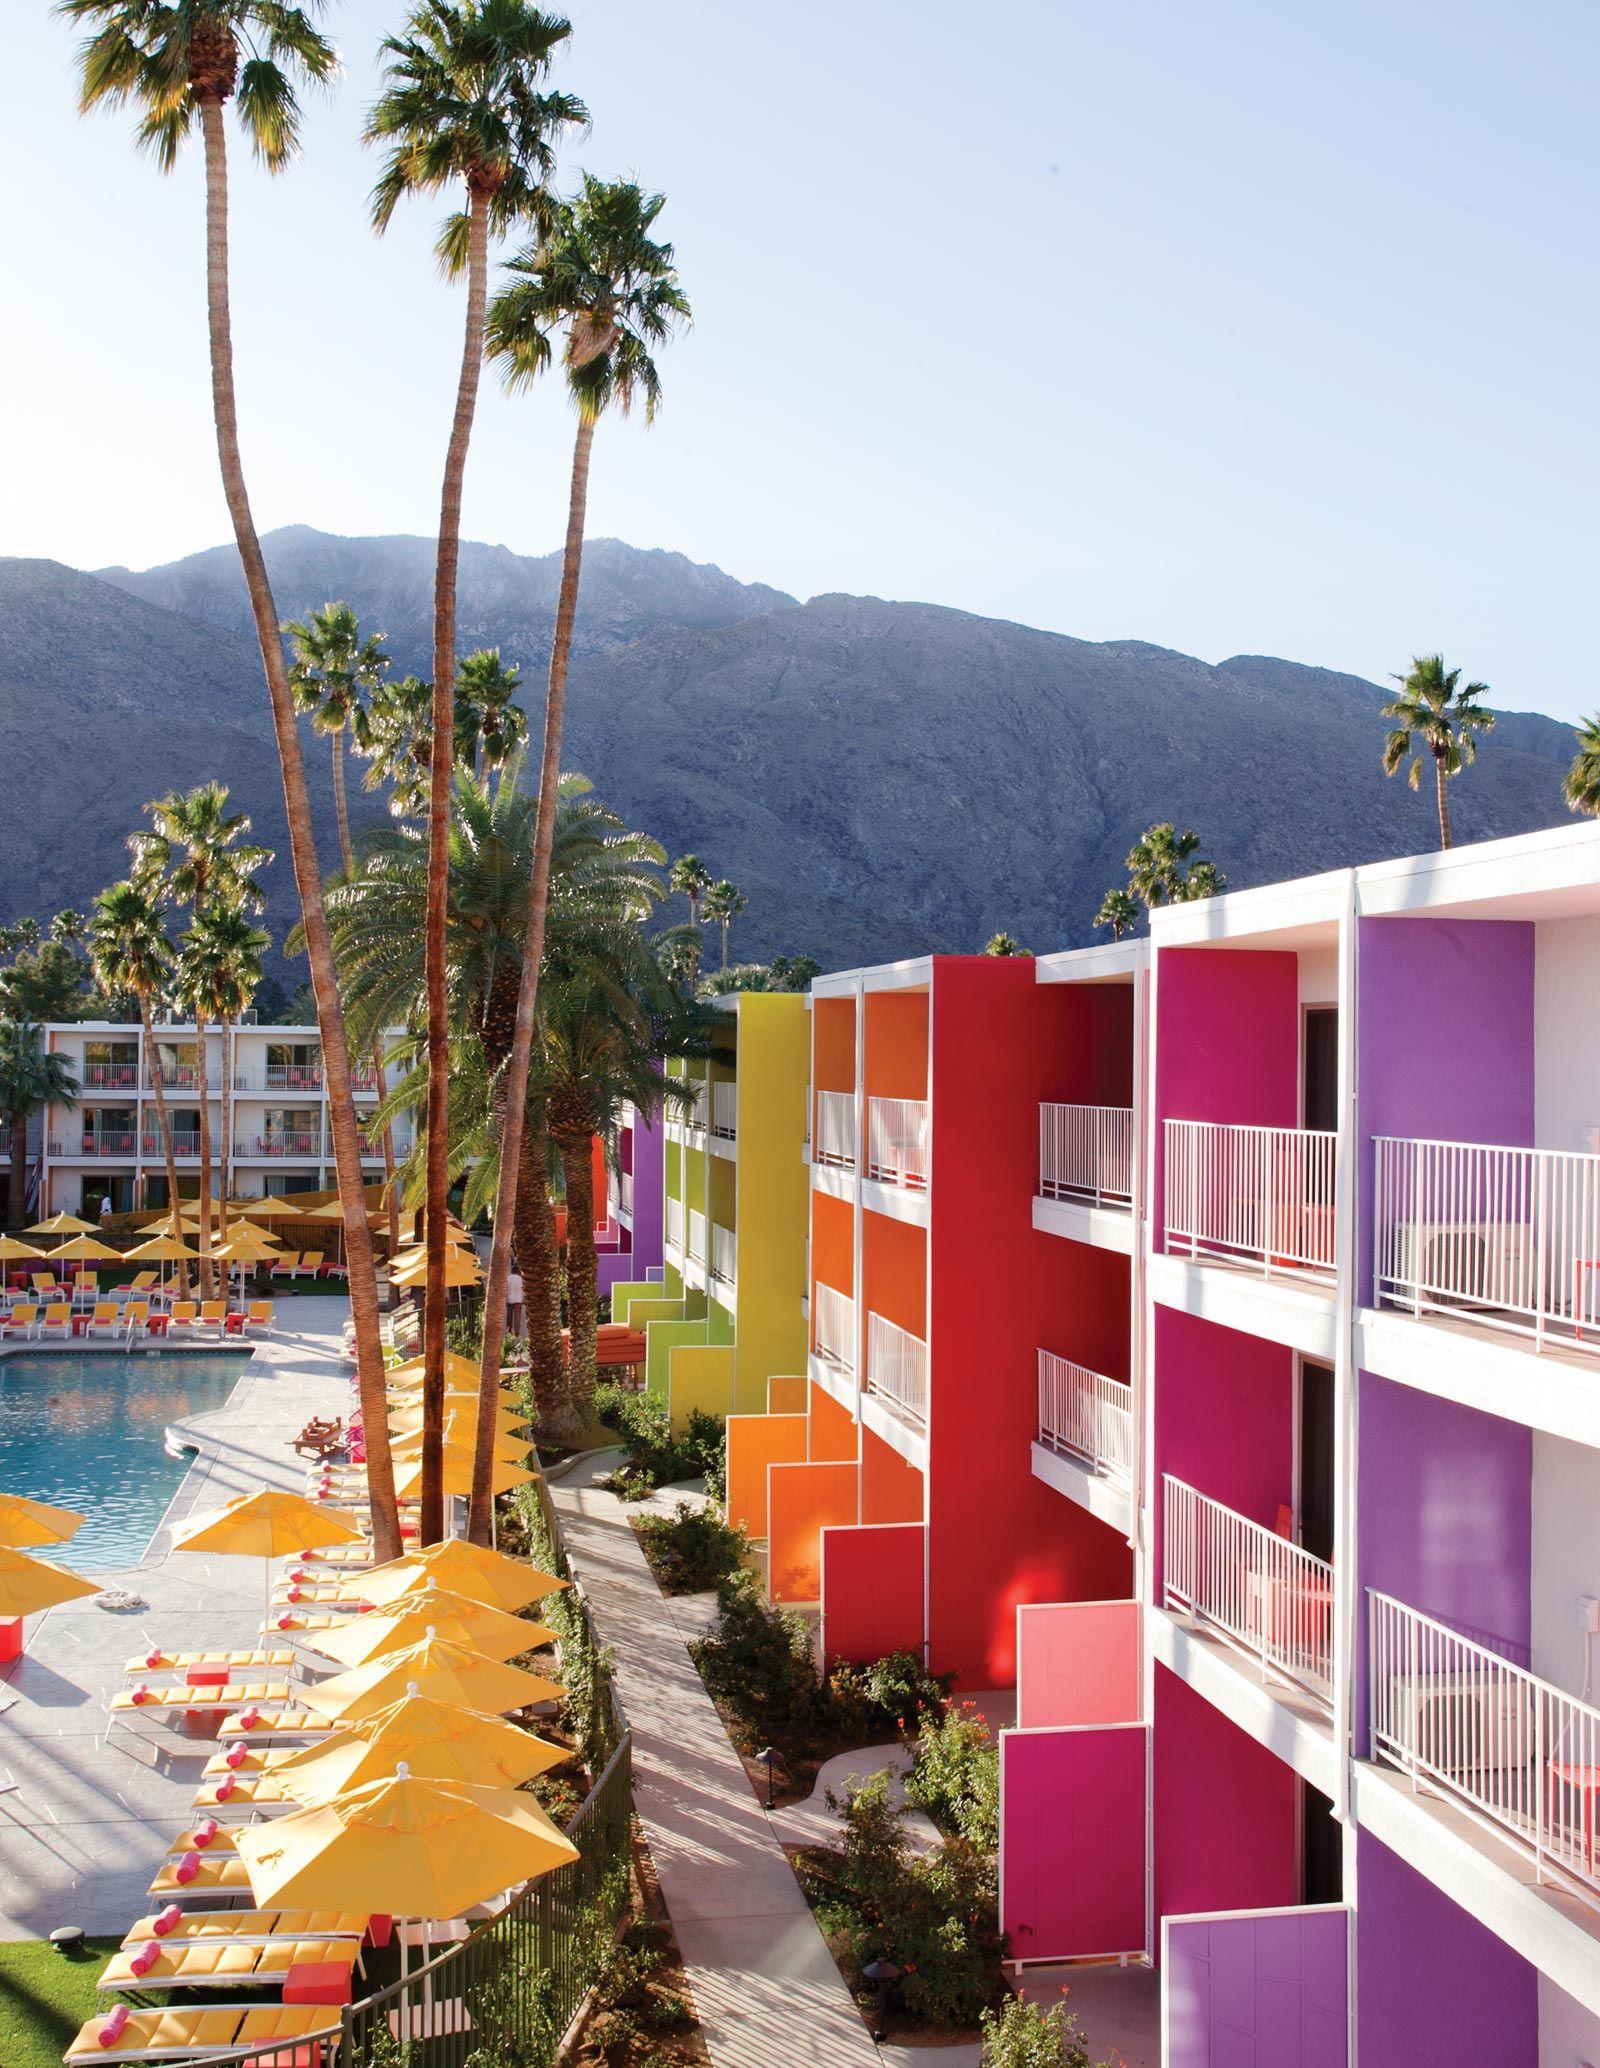 Saguaro Hotel, Palm Springs